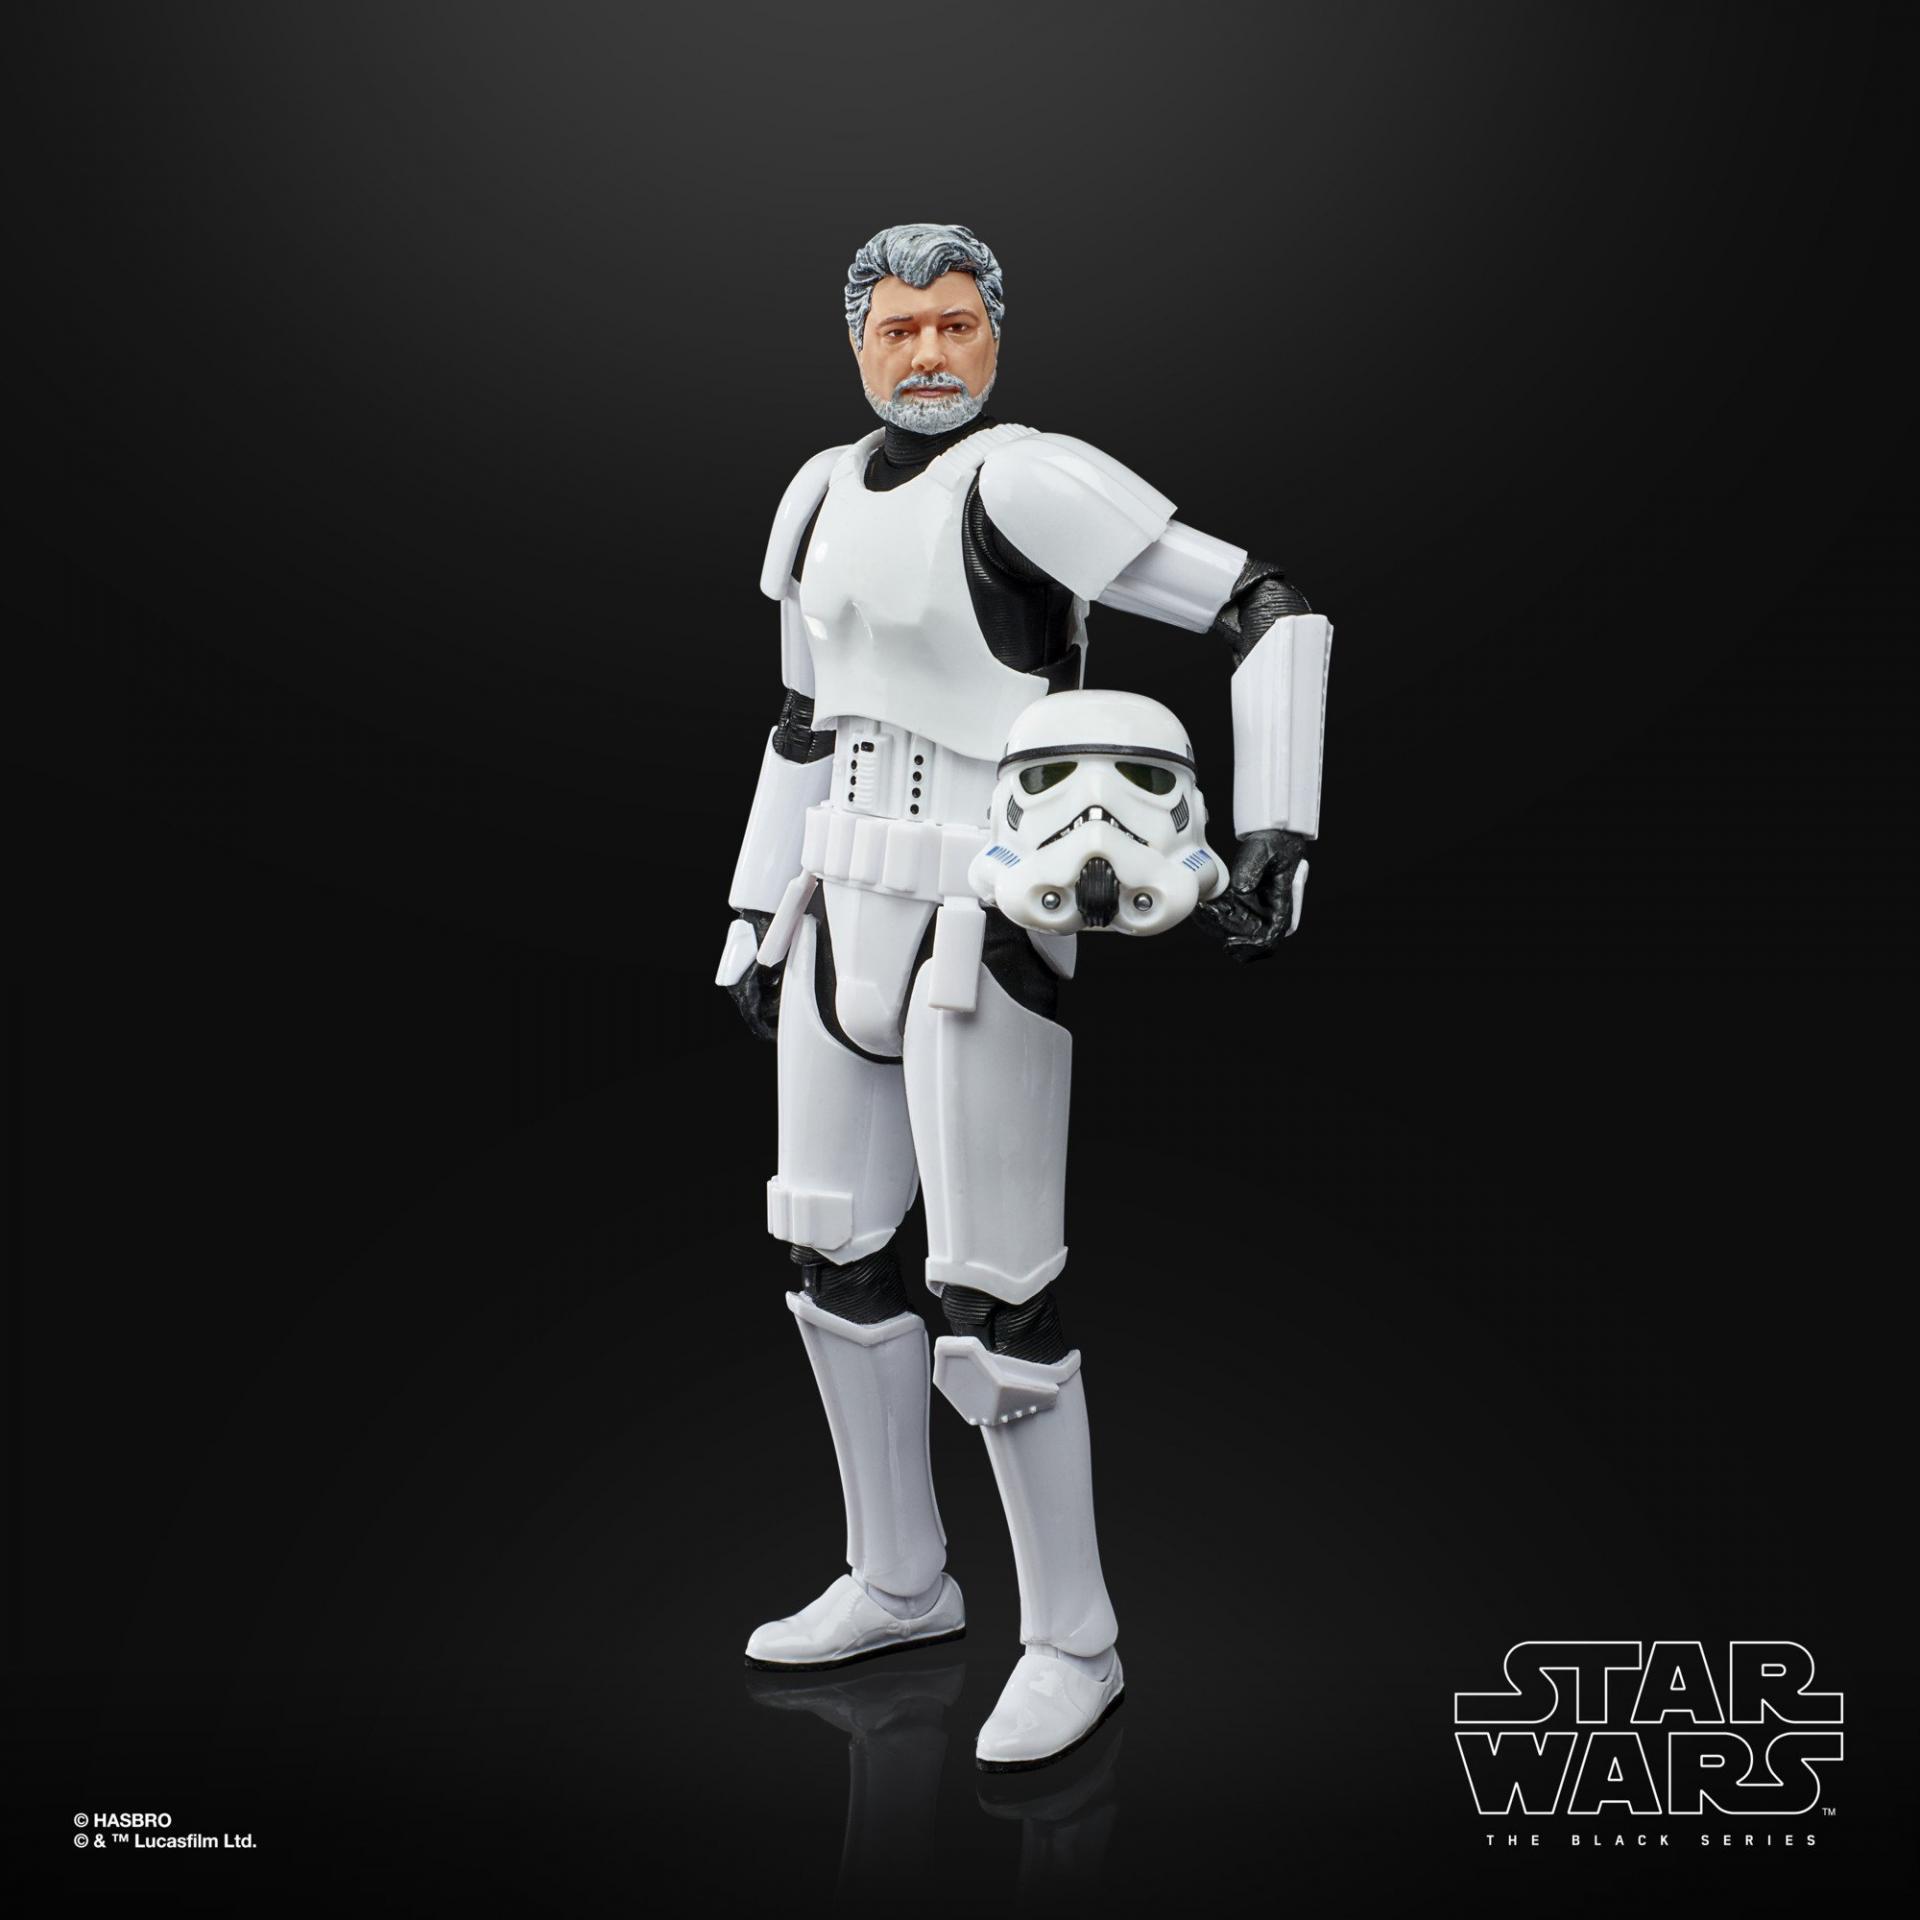 Star wars the black series george lucas in stormtrooper disguise 3